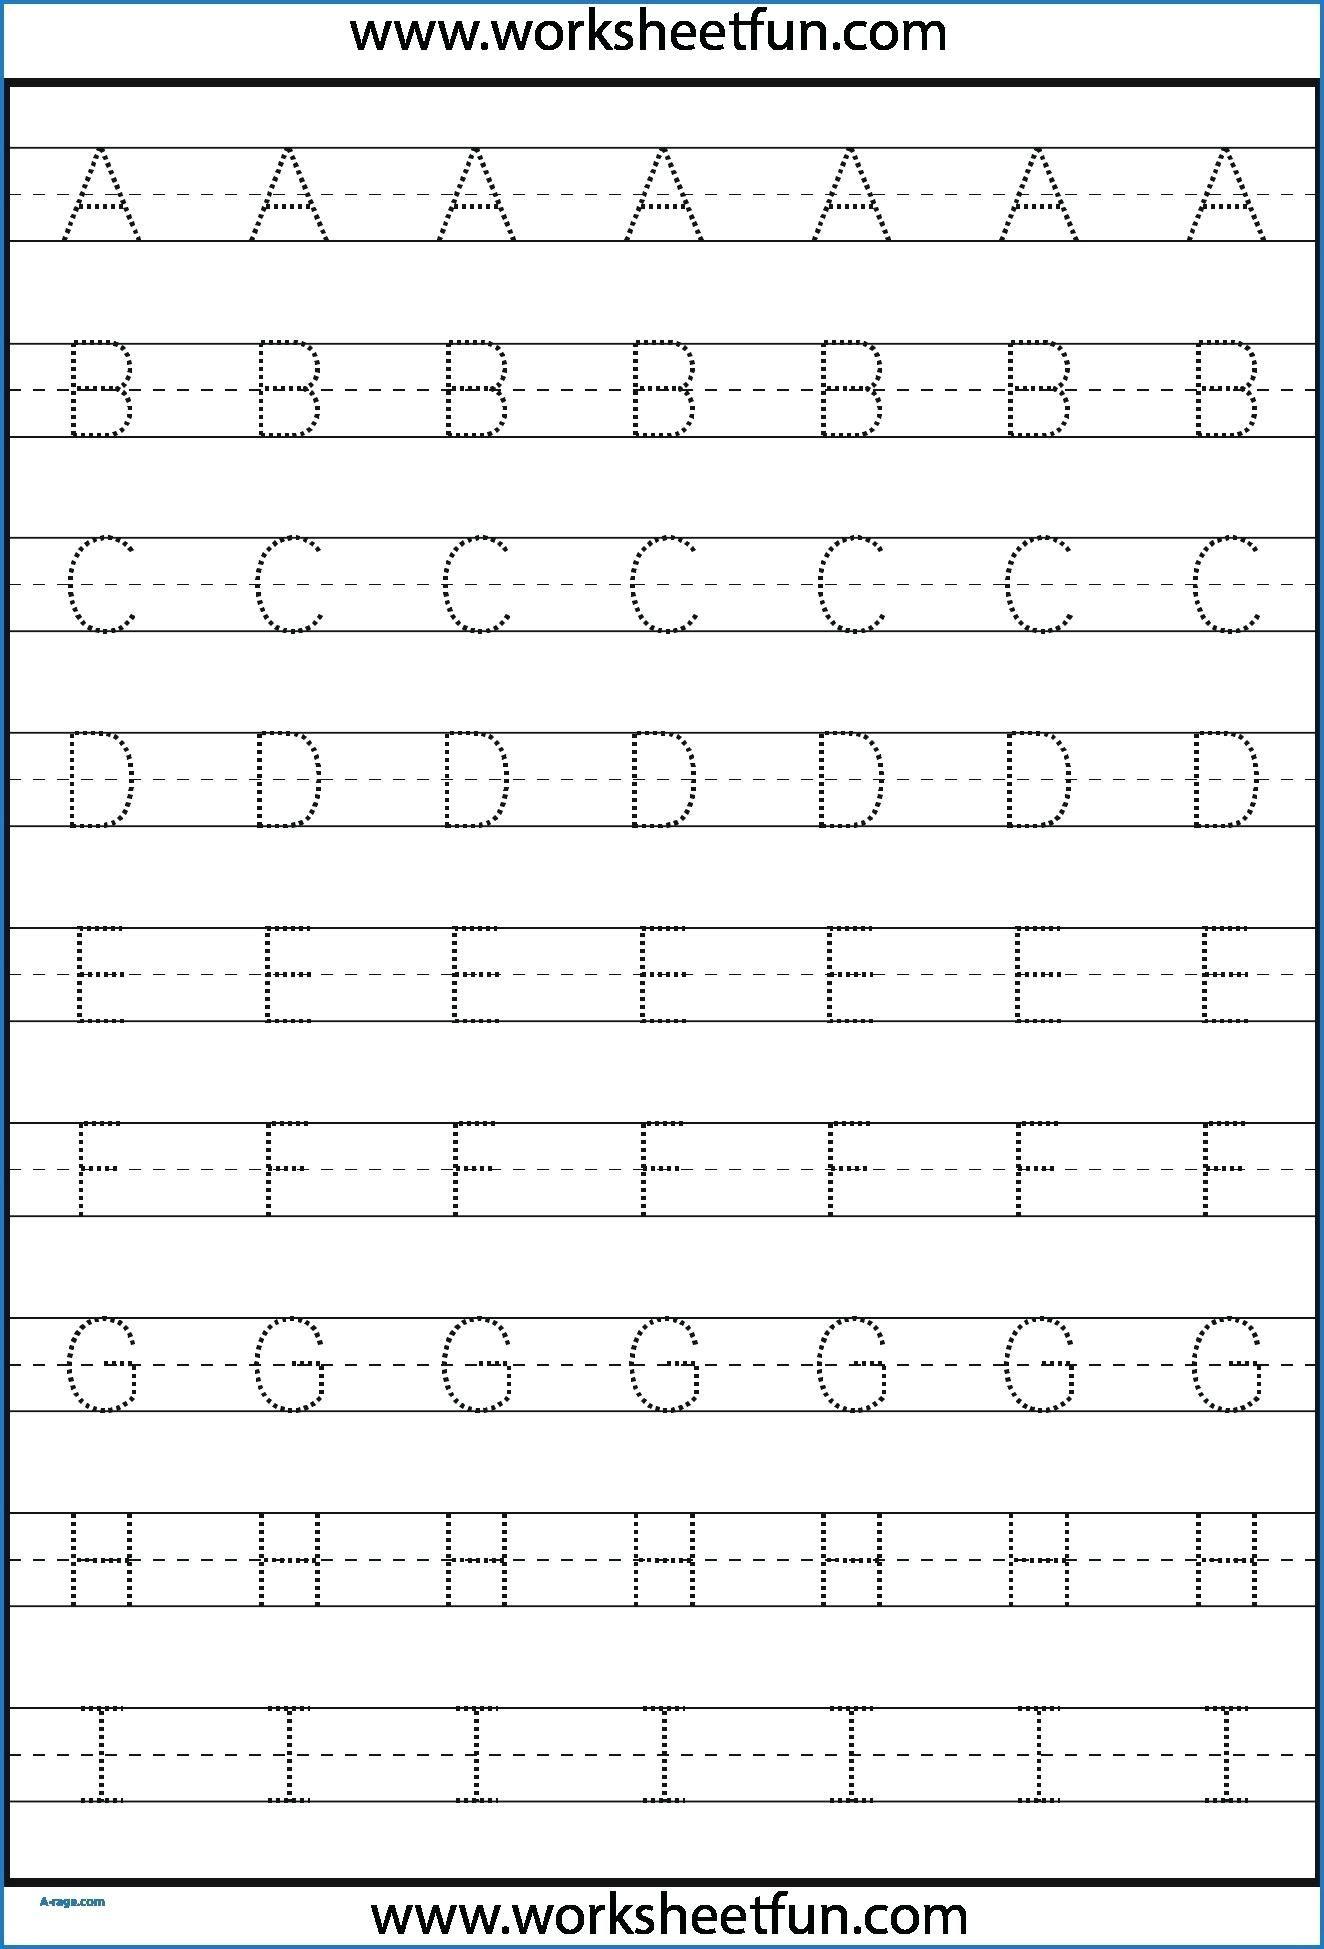 Kindergarten Letter Tracing Worksheets Pdf - Wallpaper Image for Alphabet Tracing A-Z Pdf